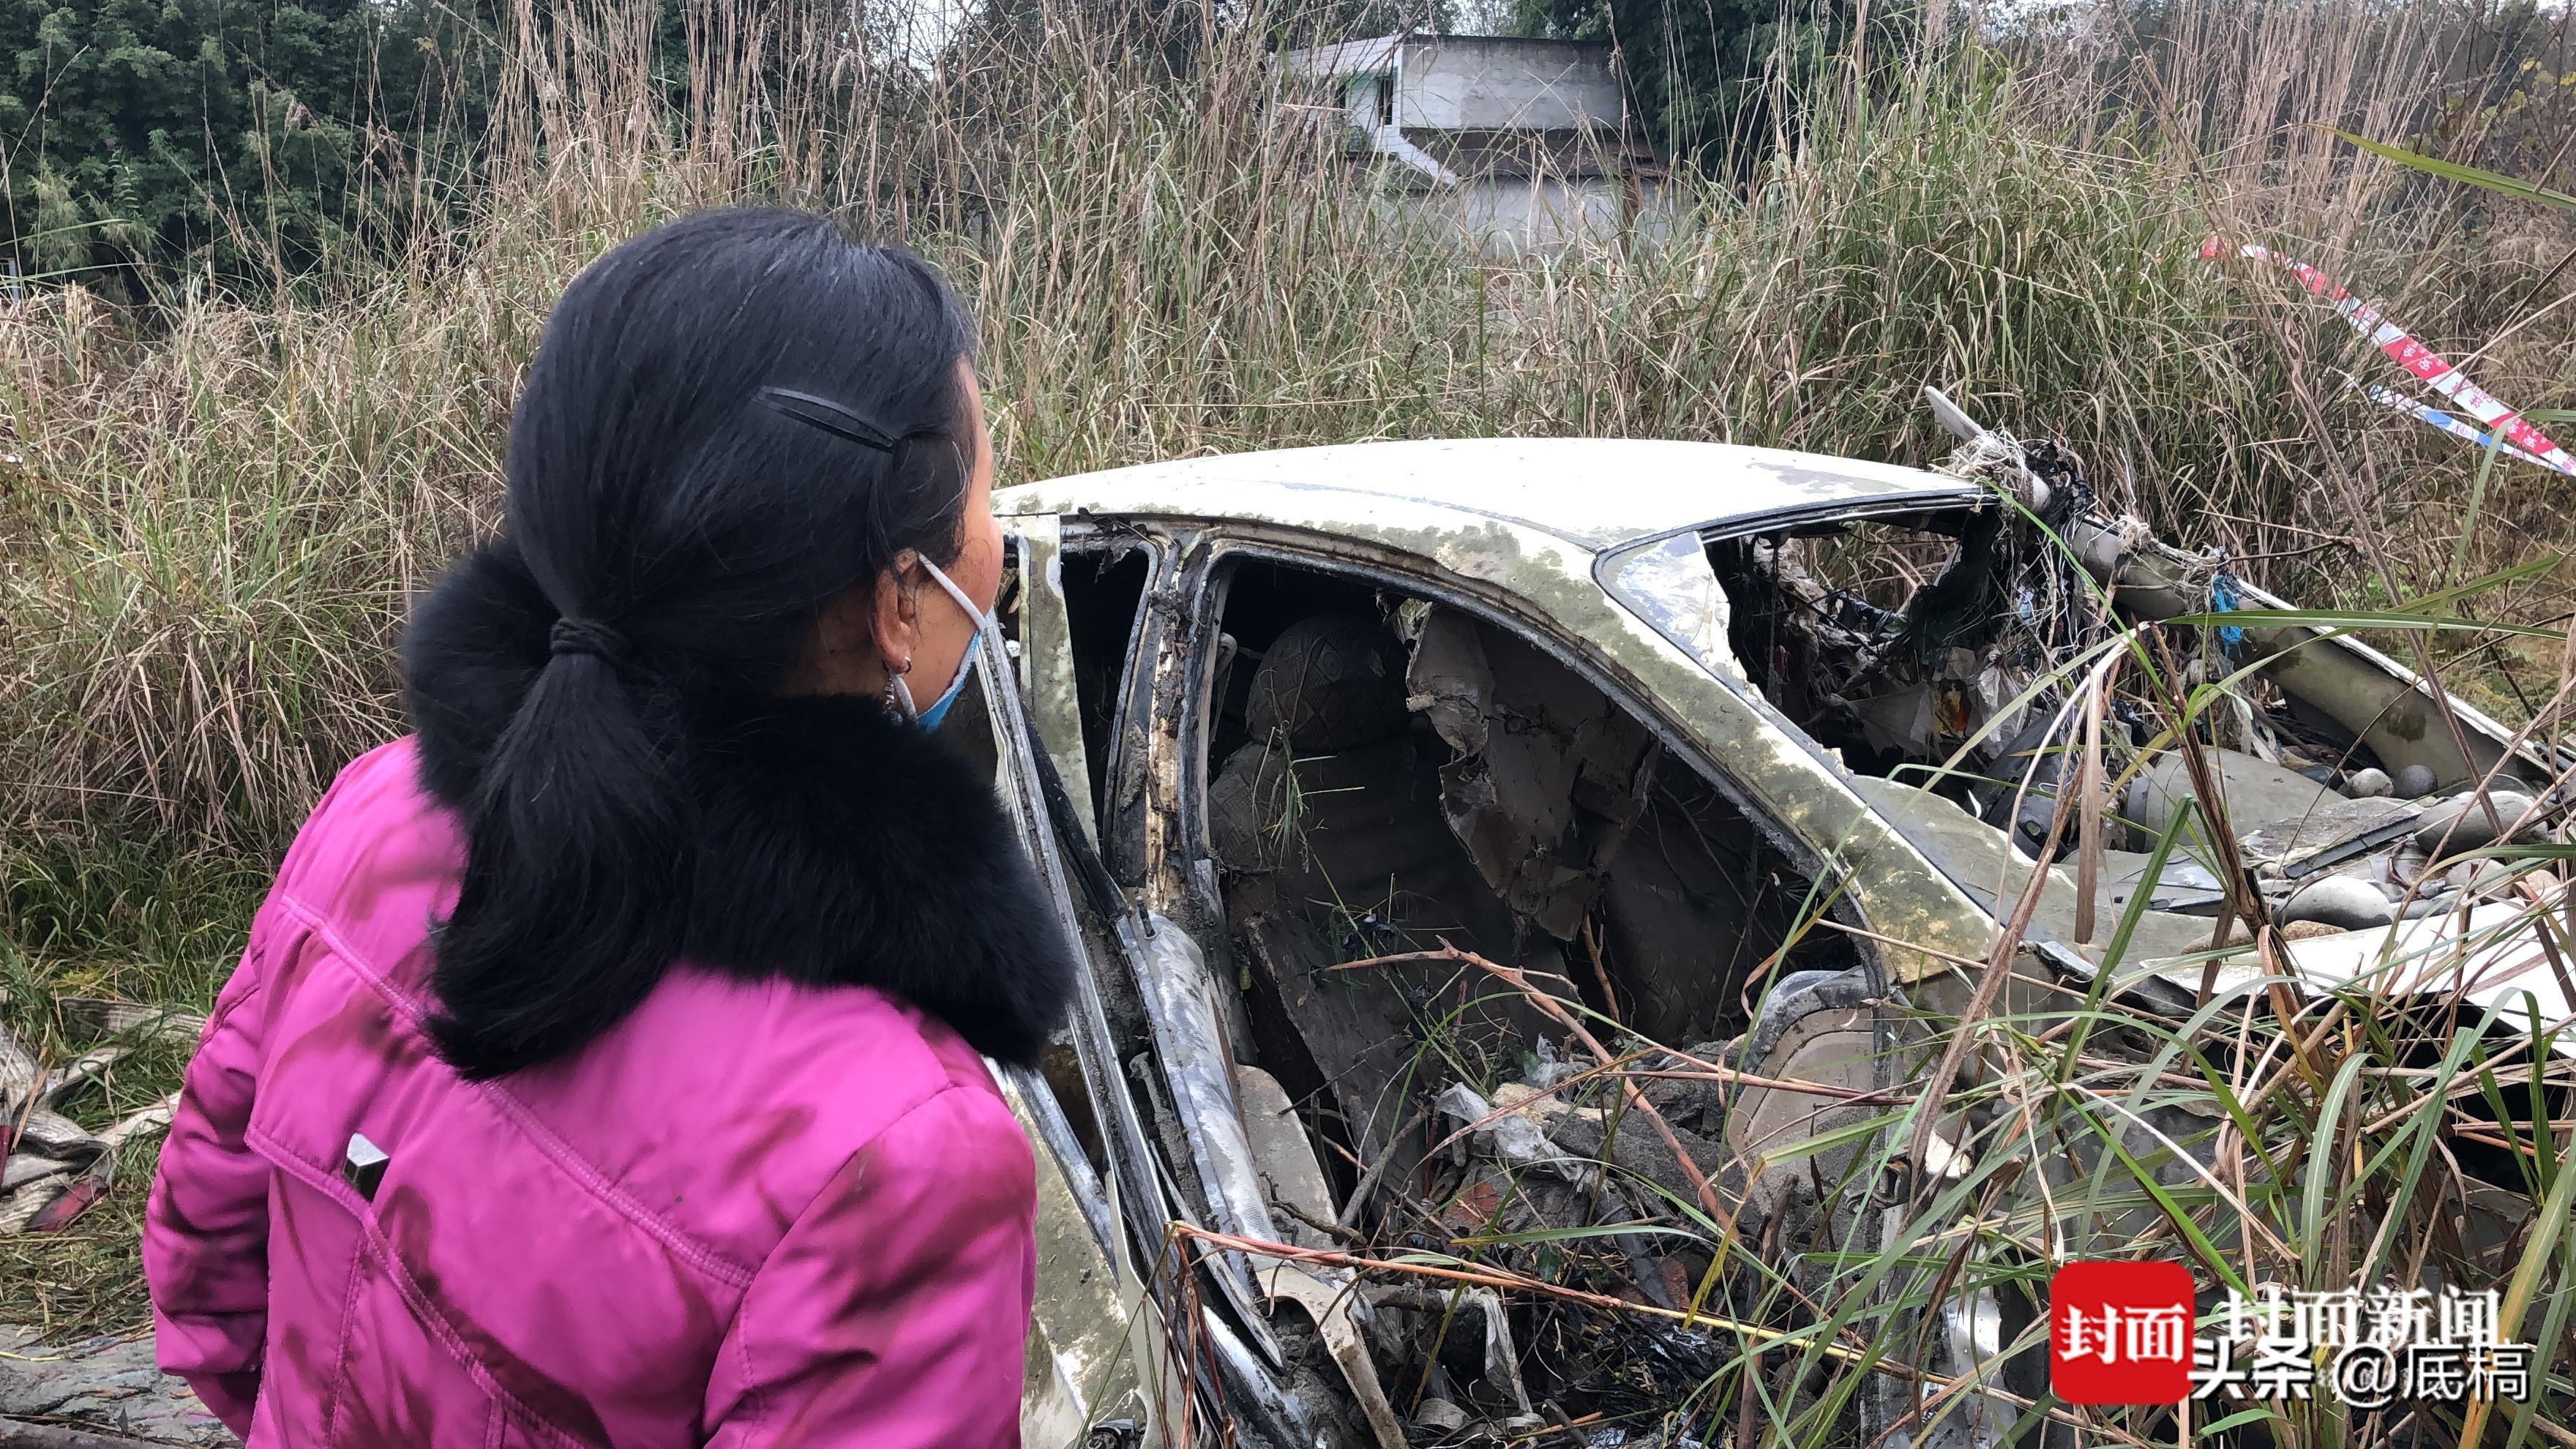 """轿车坠河四个月后被打捞上岸 车上两人是夫妻""""知情人""""透露更多细节"""